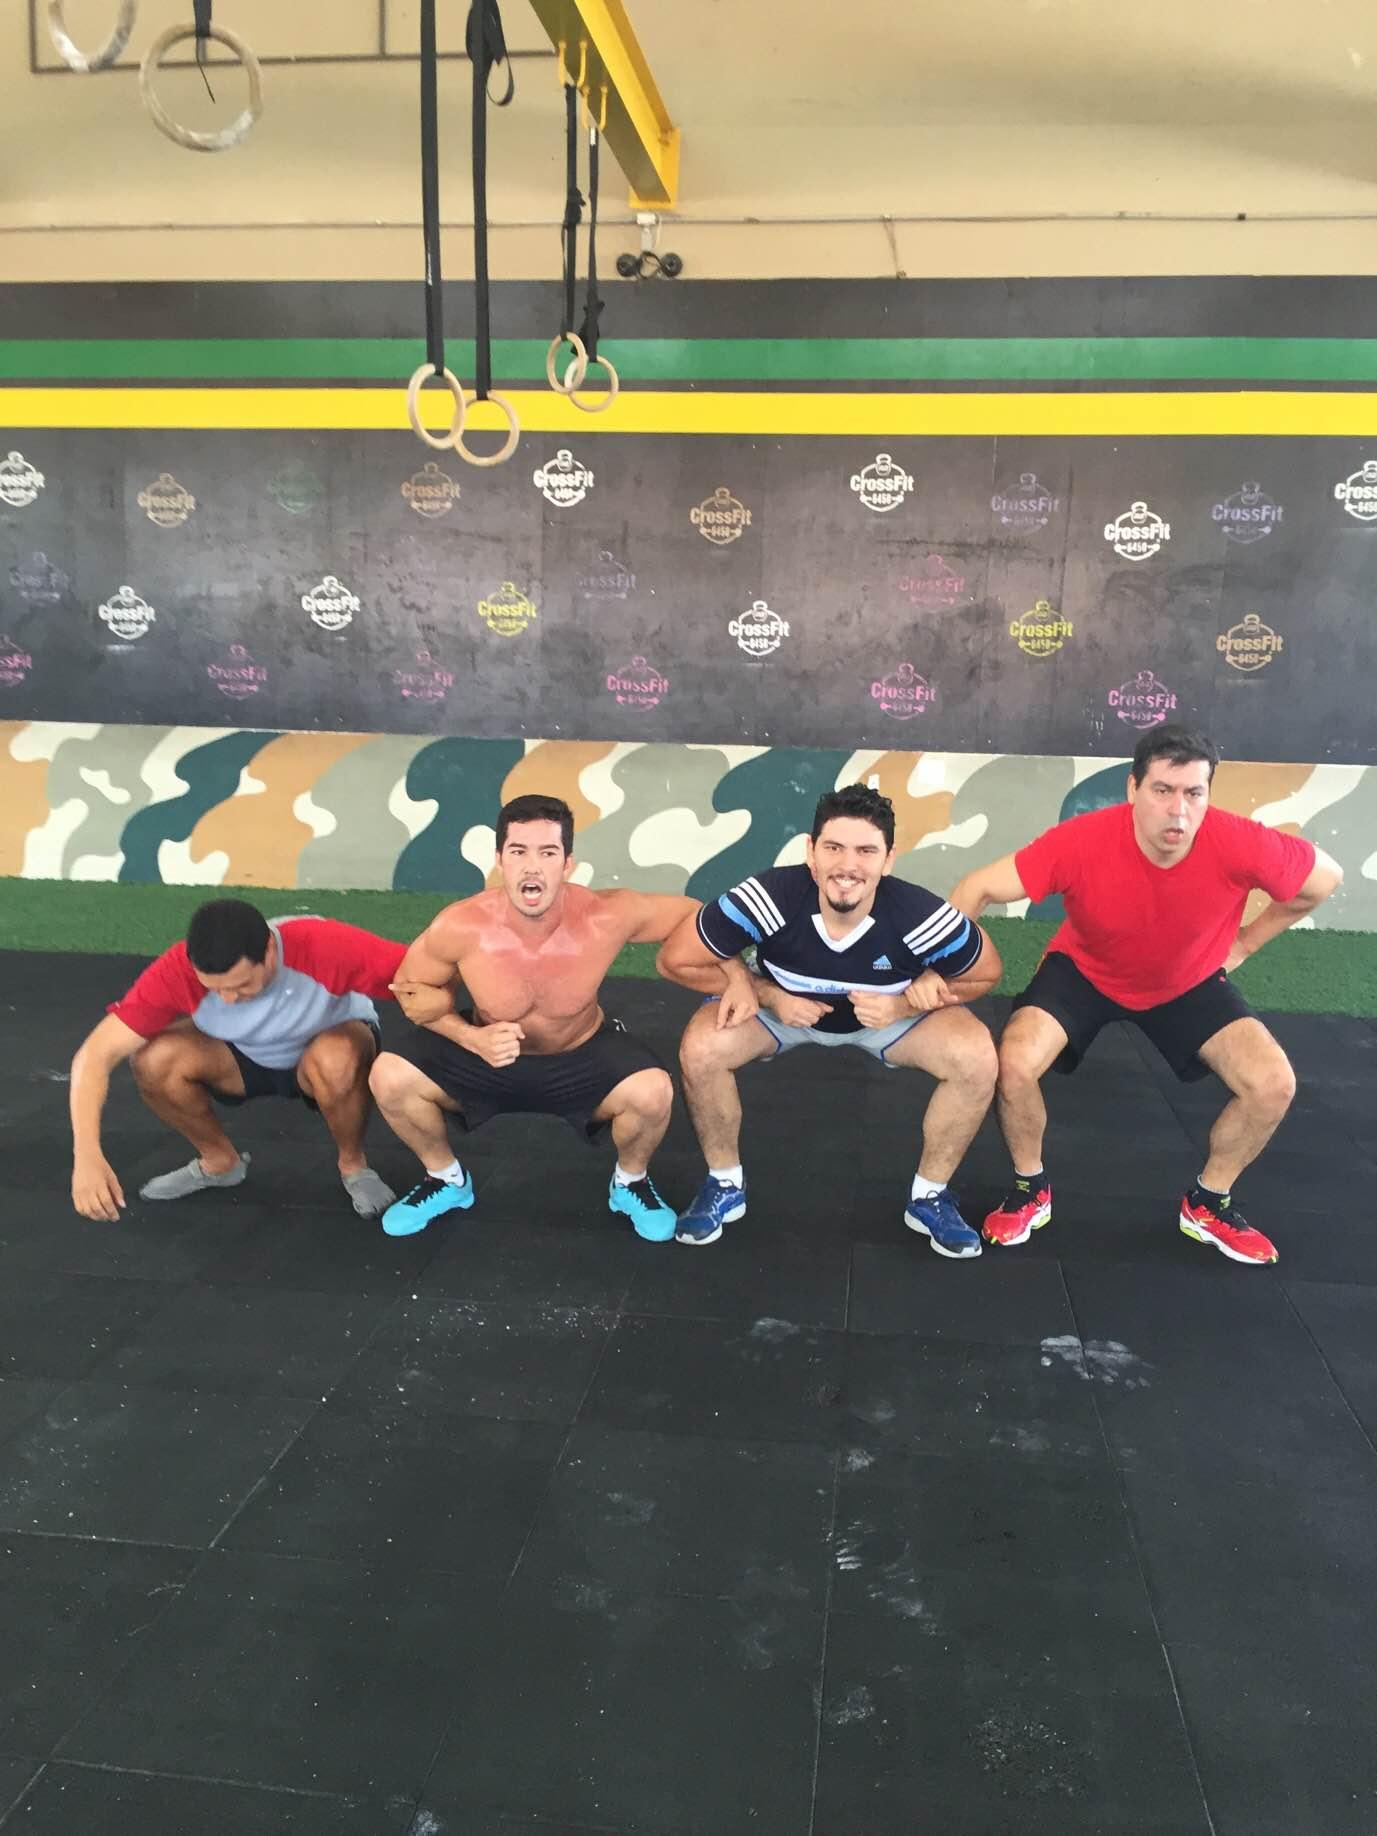 A modalidade é uma compilação de séries envolvendo agachamentos, saltos, flexões, movimentos em barras e argolas e, também, levantamento de peso. (FOTO: Juliana Teófilo/Tribuna do Ceará)